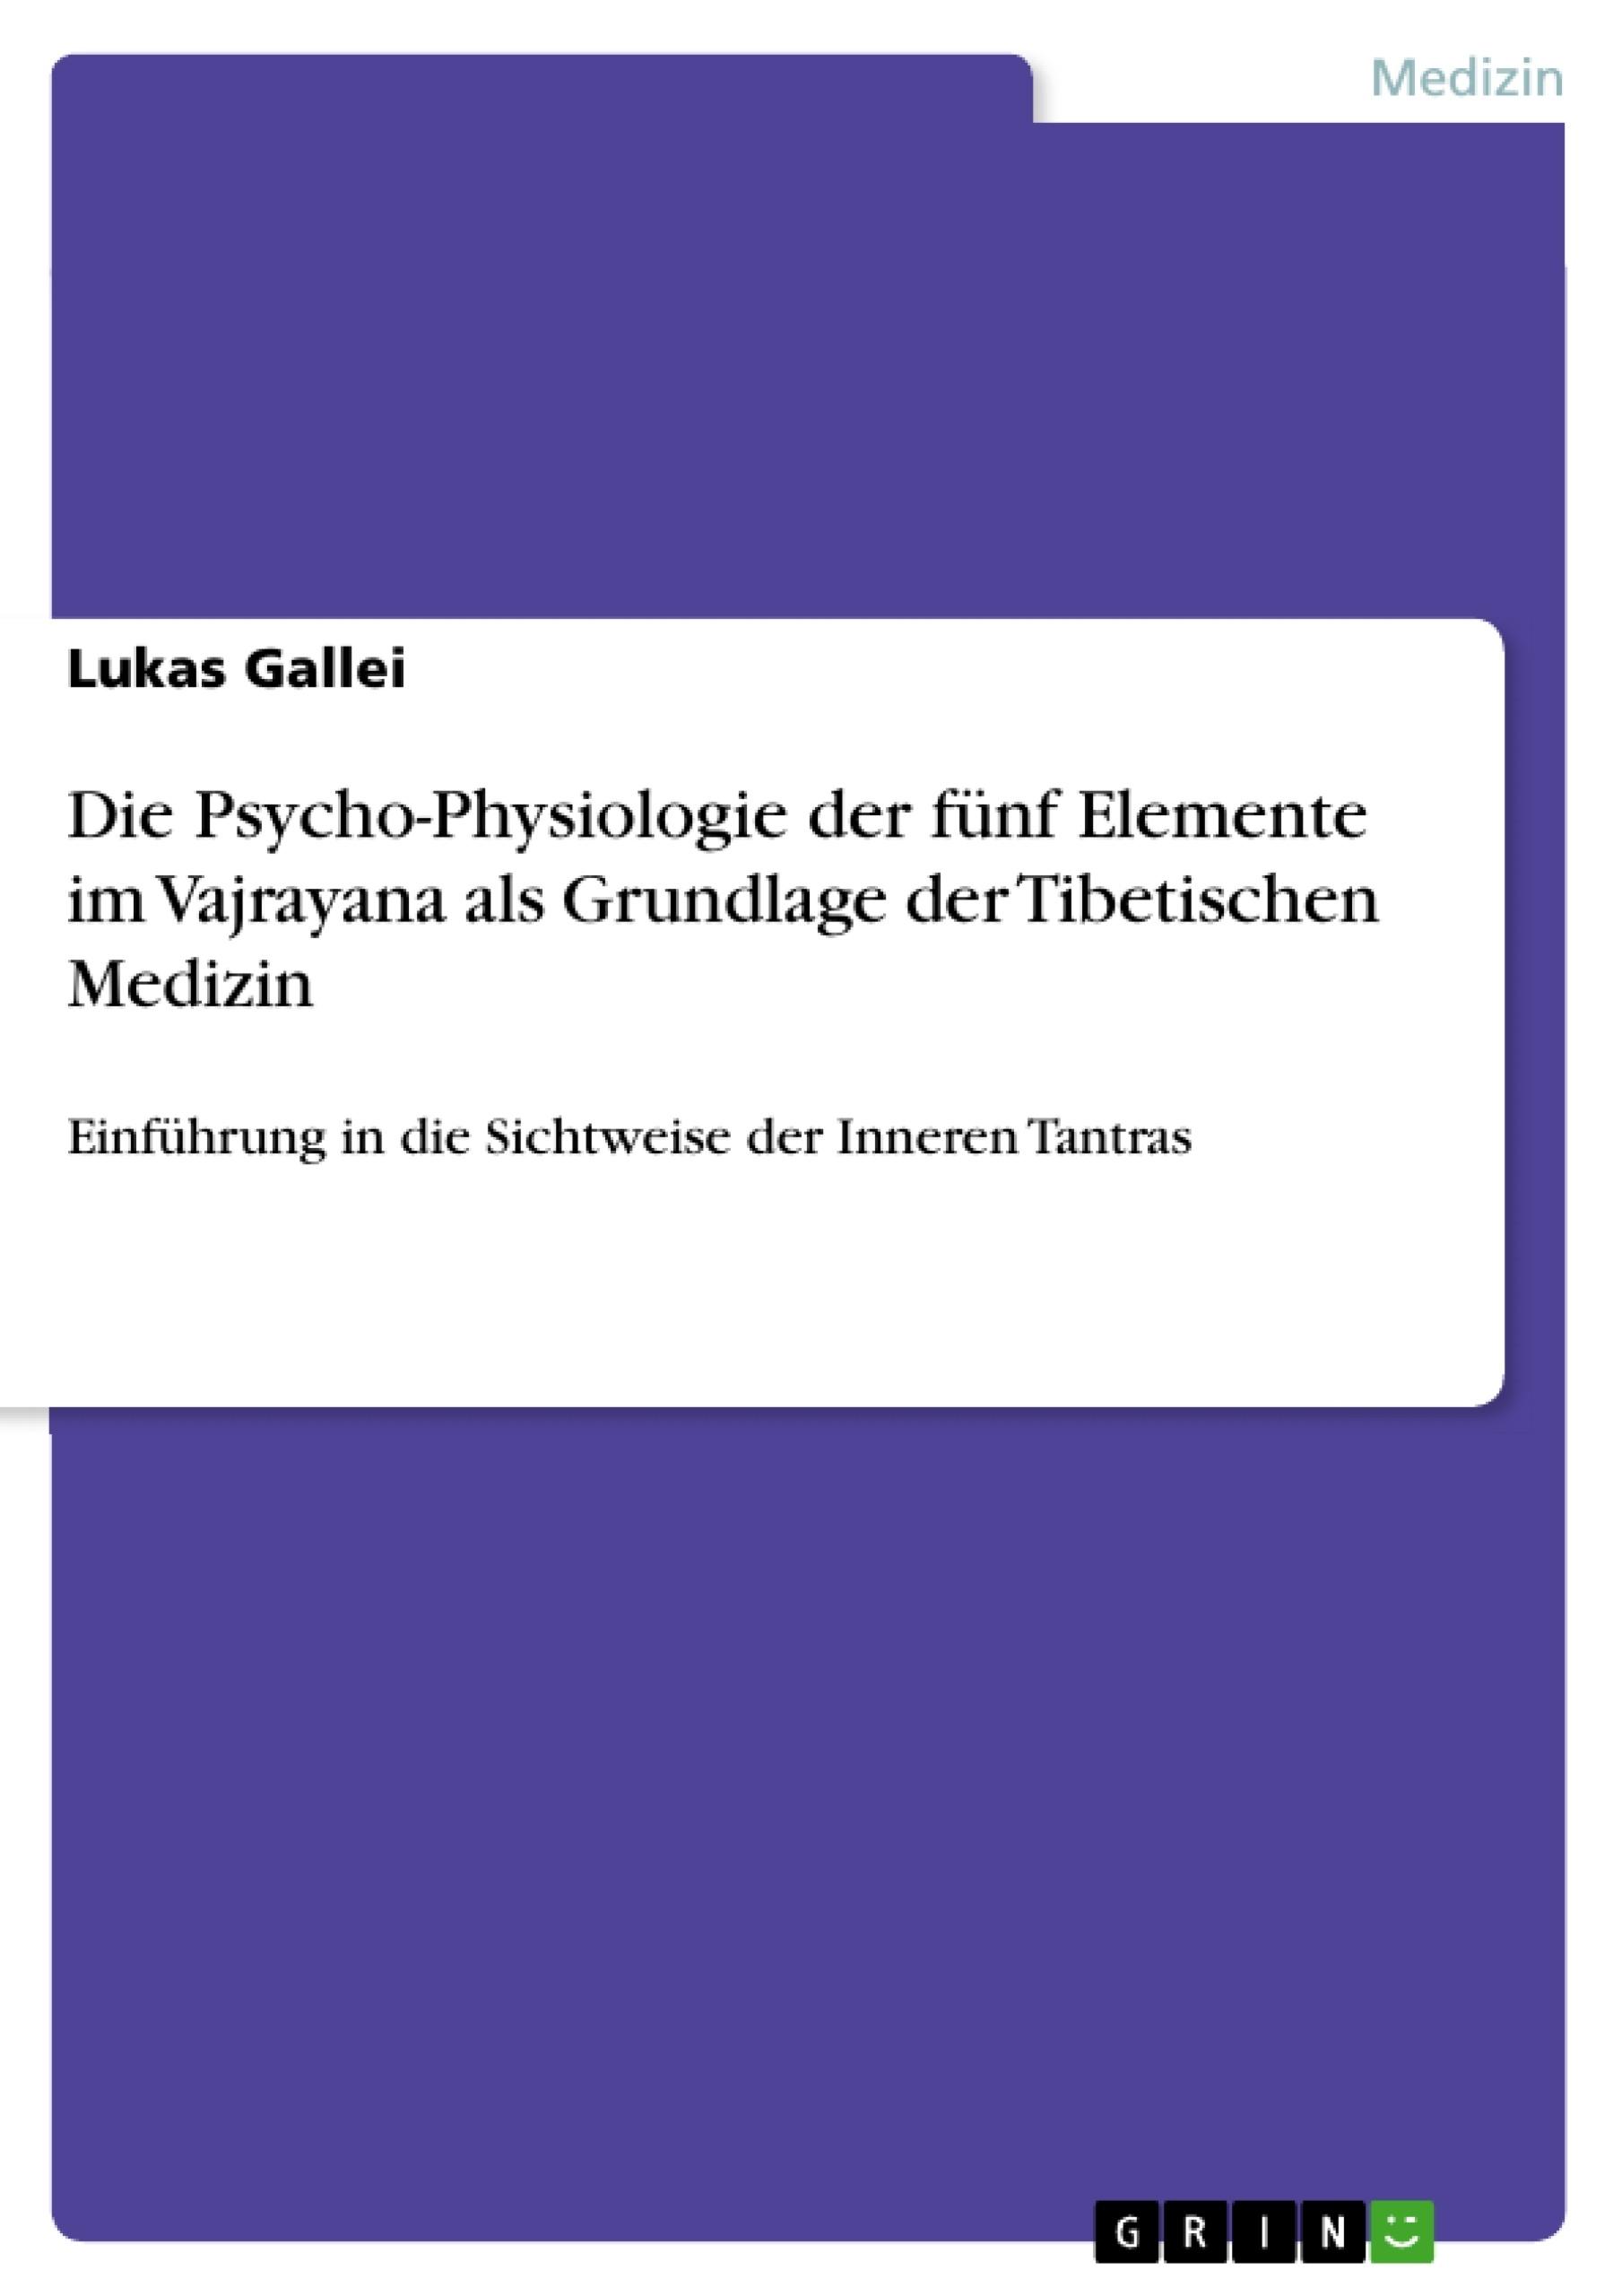 Titel: Die Psycho-Physiologie der fünf Elemente im Vajrayana als Grundlage der Tibetischen Medizin